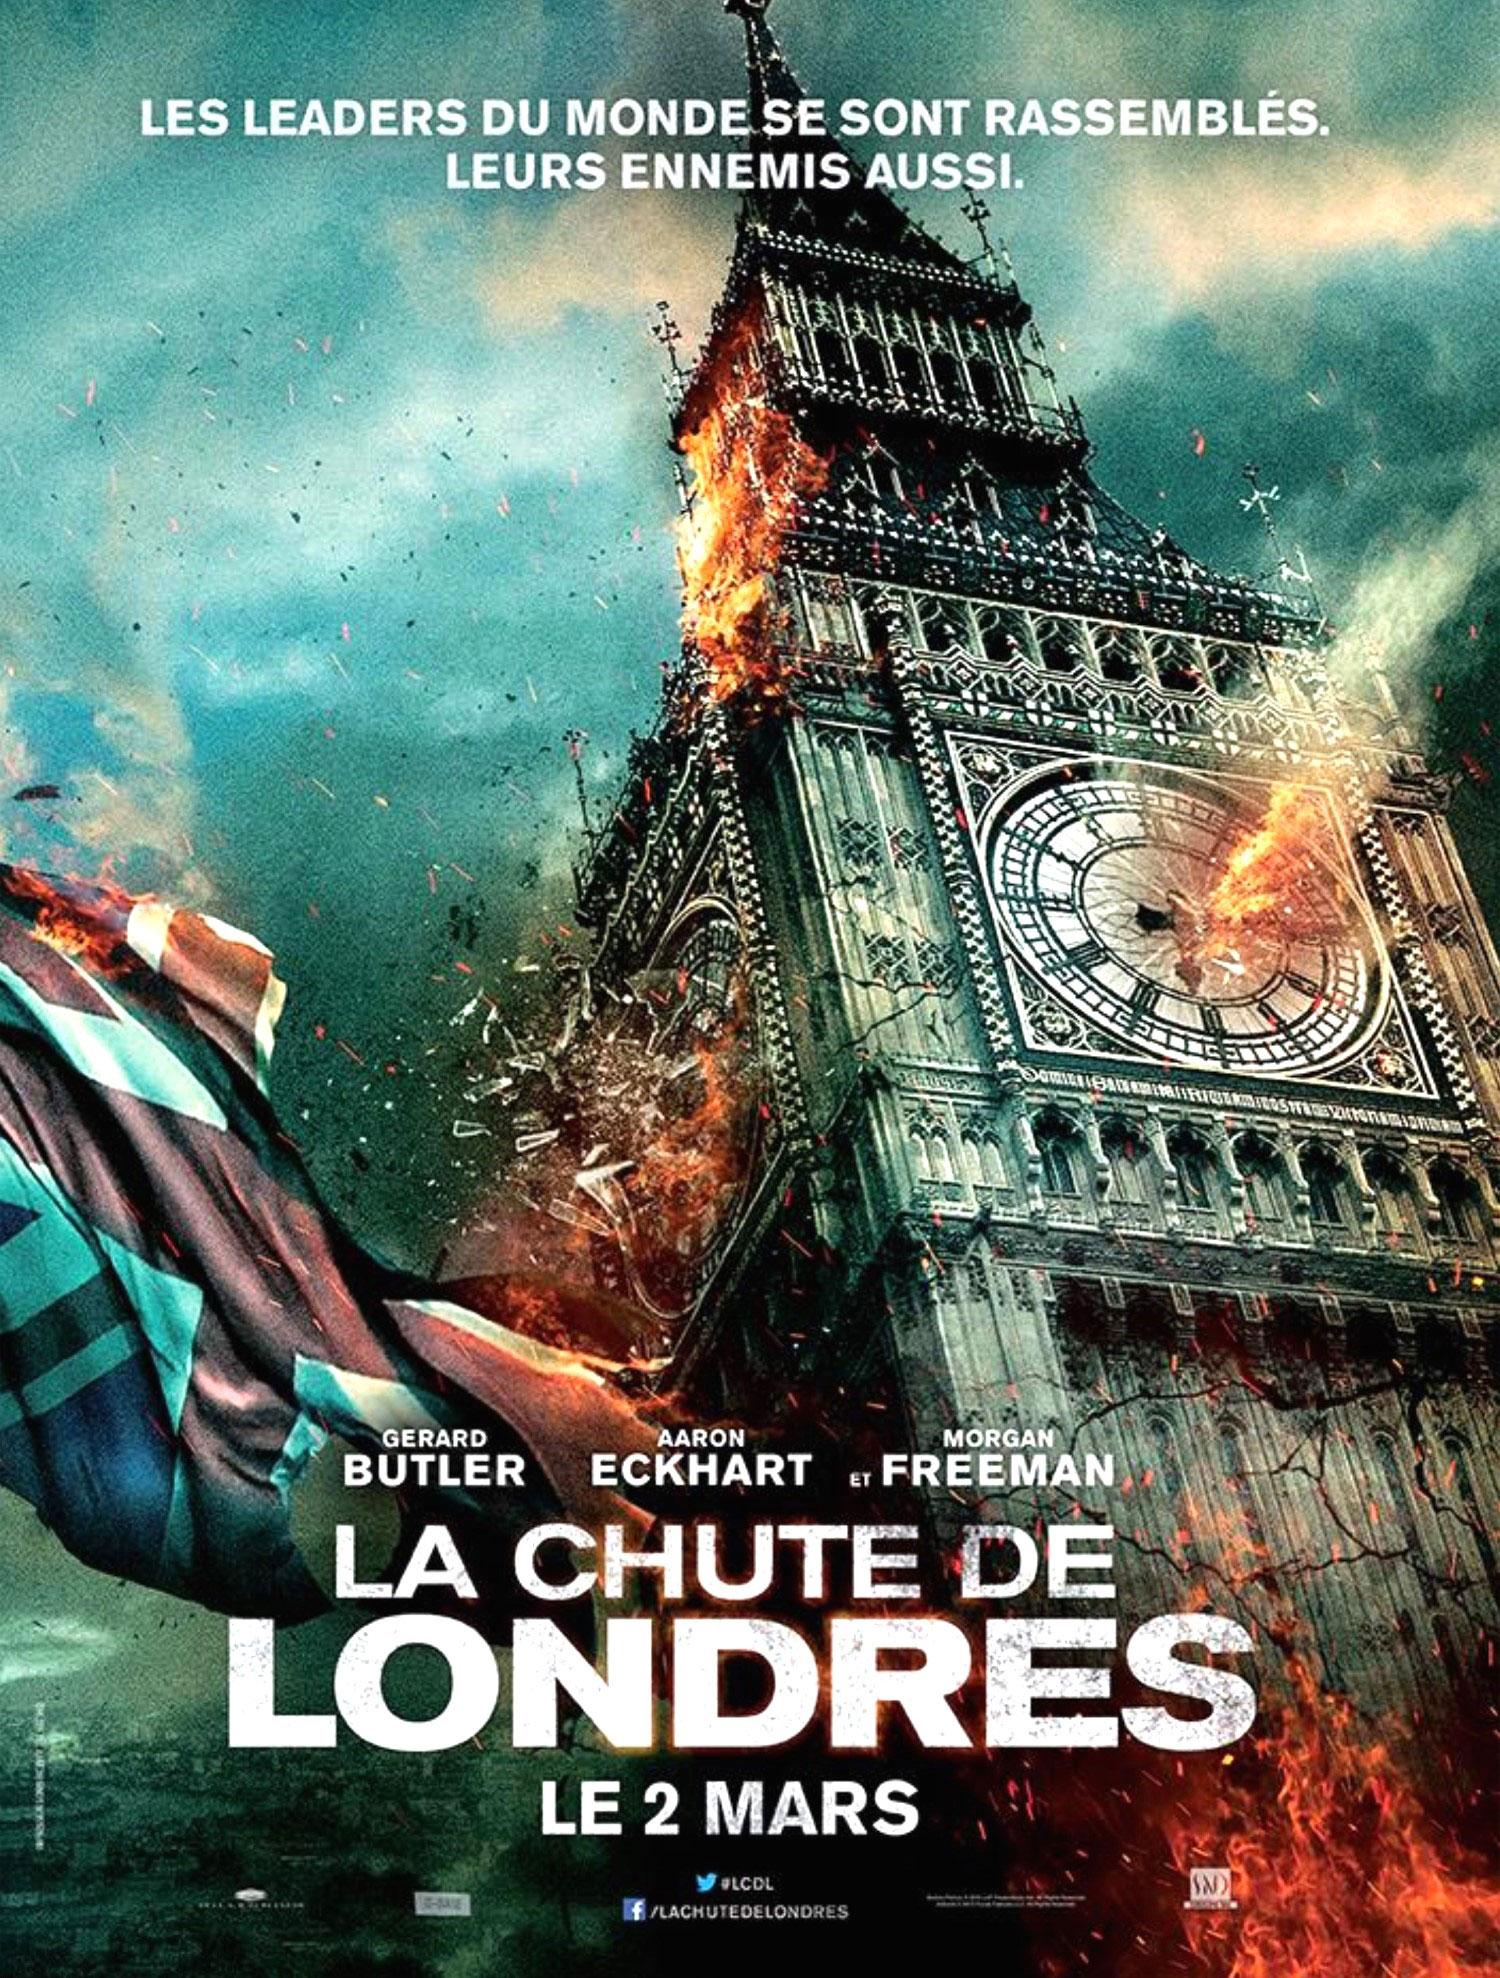 La Chute de Londres - Affiche